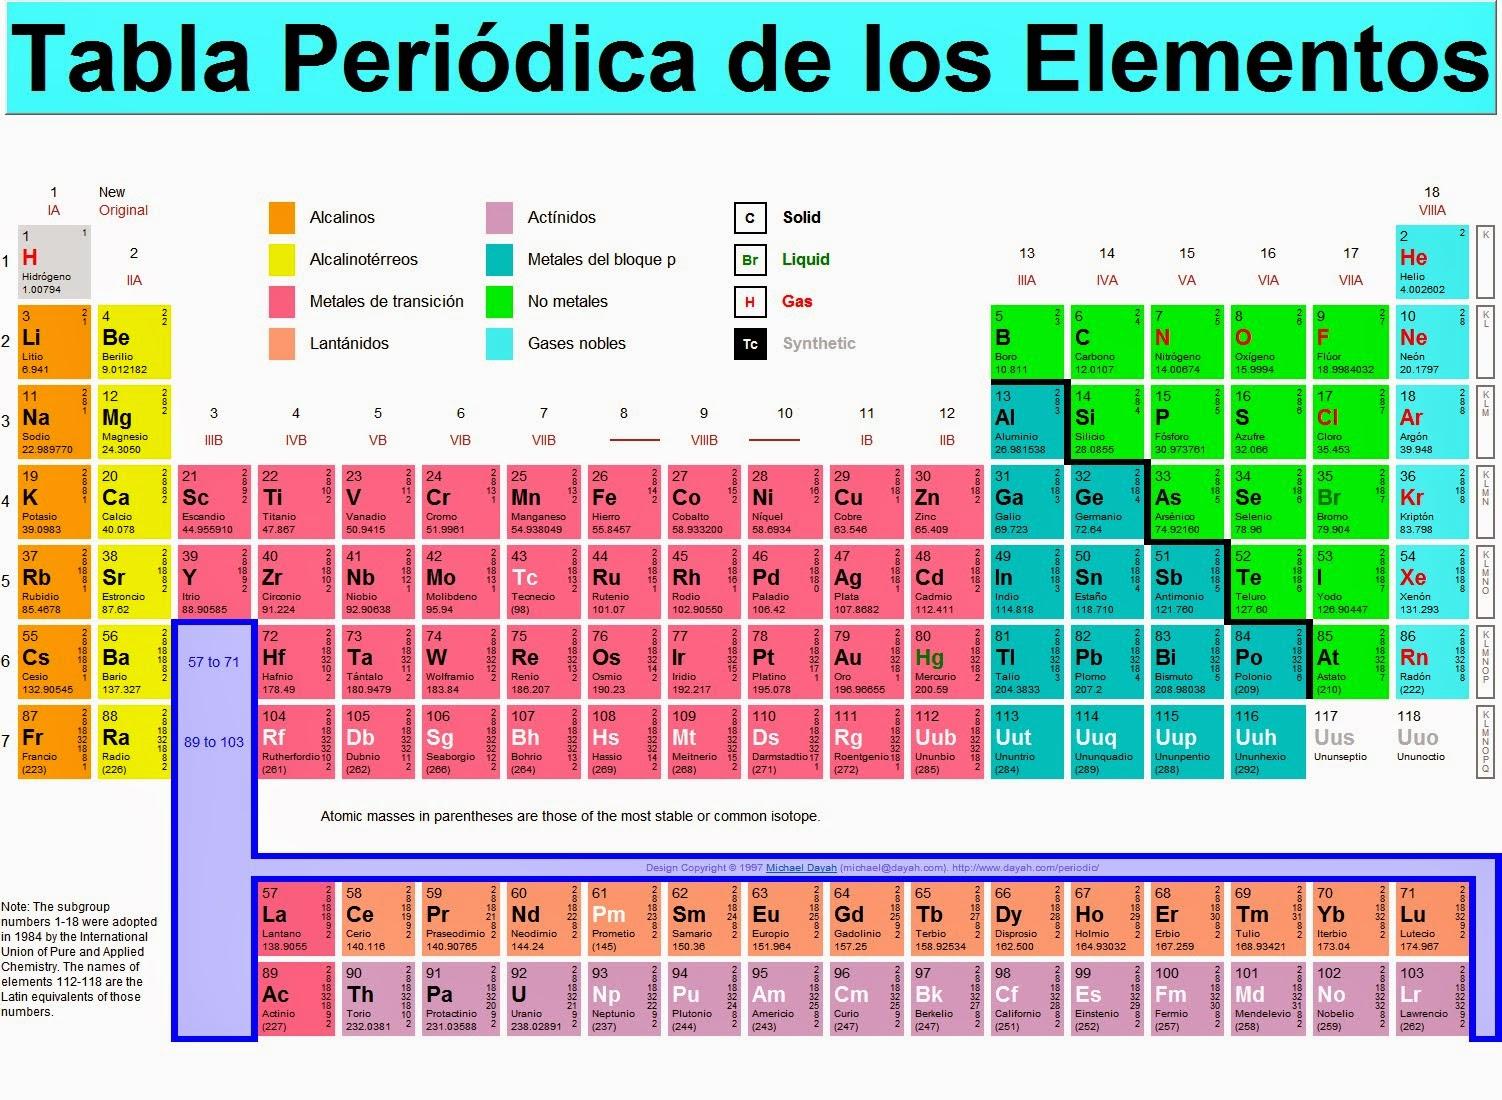 Tabla peridica de los elementos qumicos informatica i concepto importancia e historia de la tabla peridica urtaz Choice Image